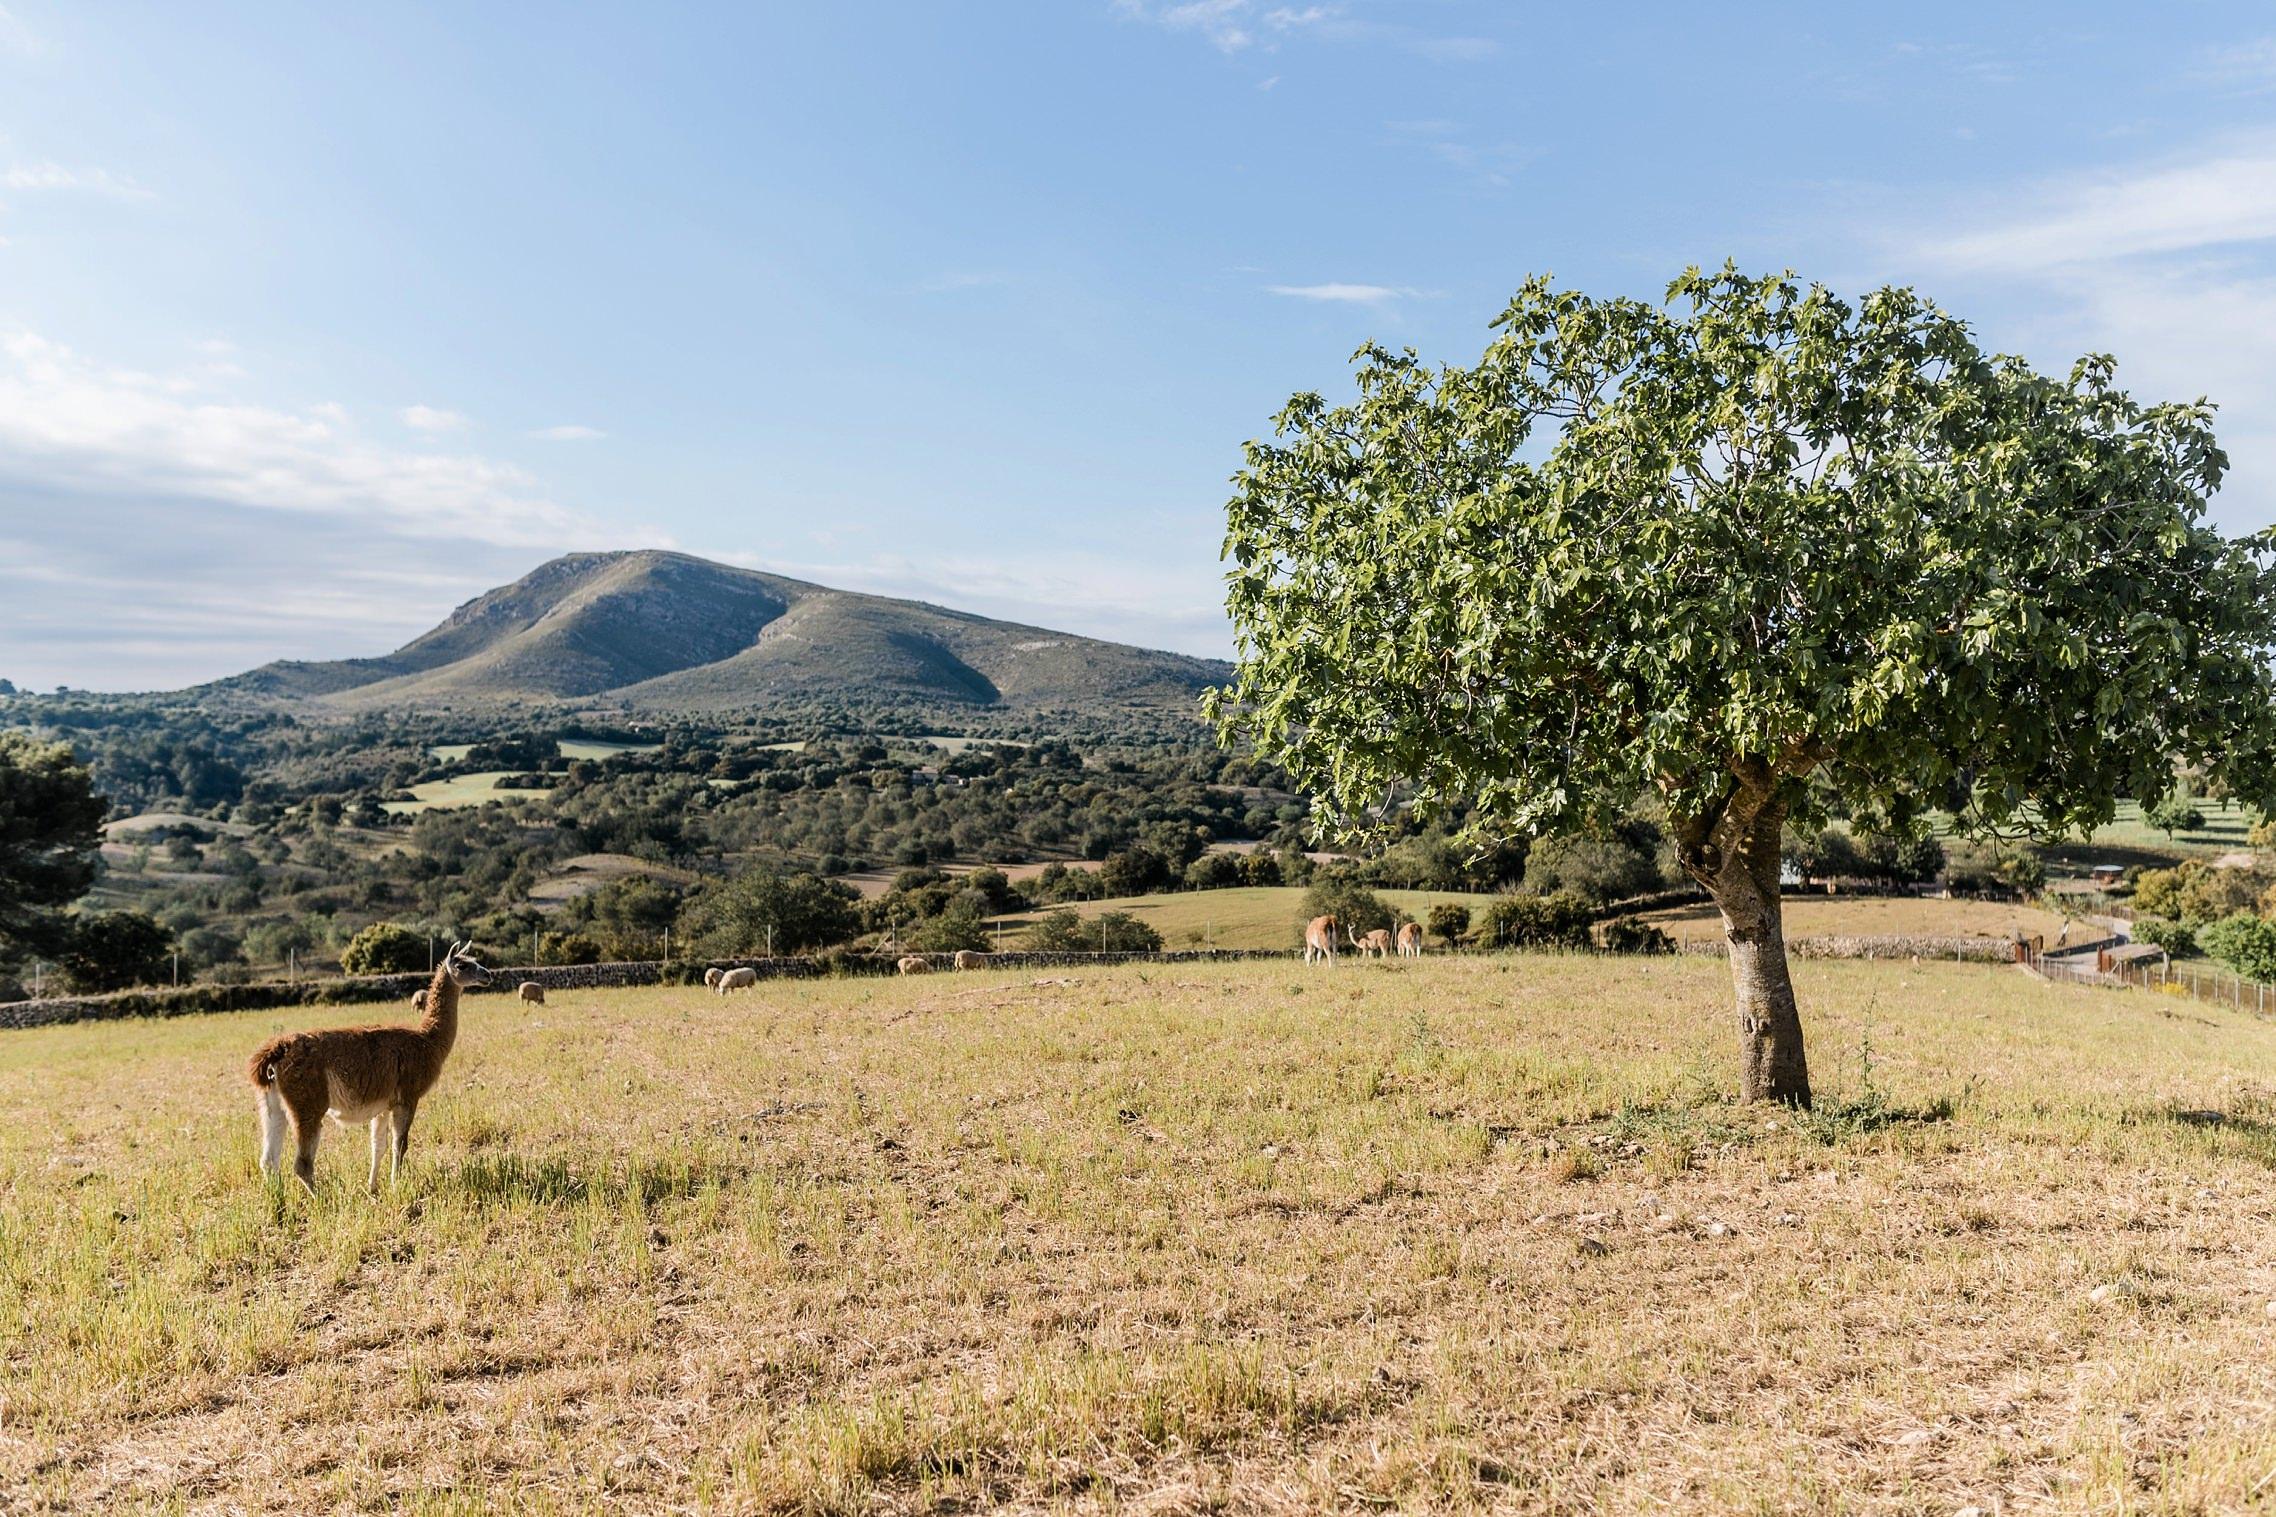 Ein Lama steht neben einem Baum vor einer malerischen Bergkulisse auf Mallorca